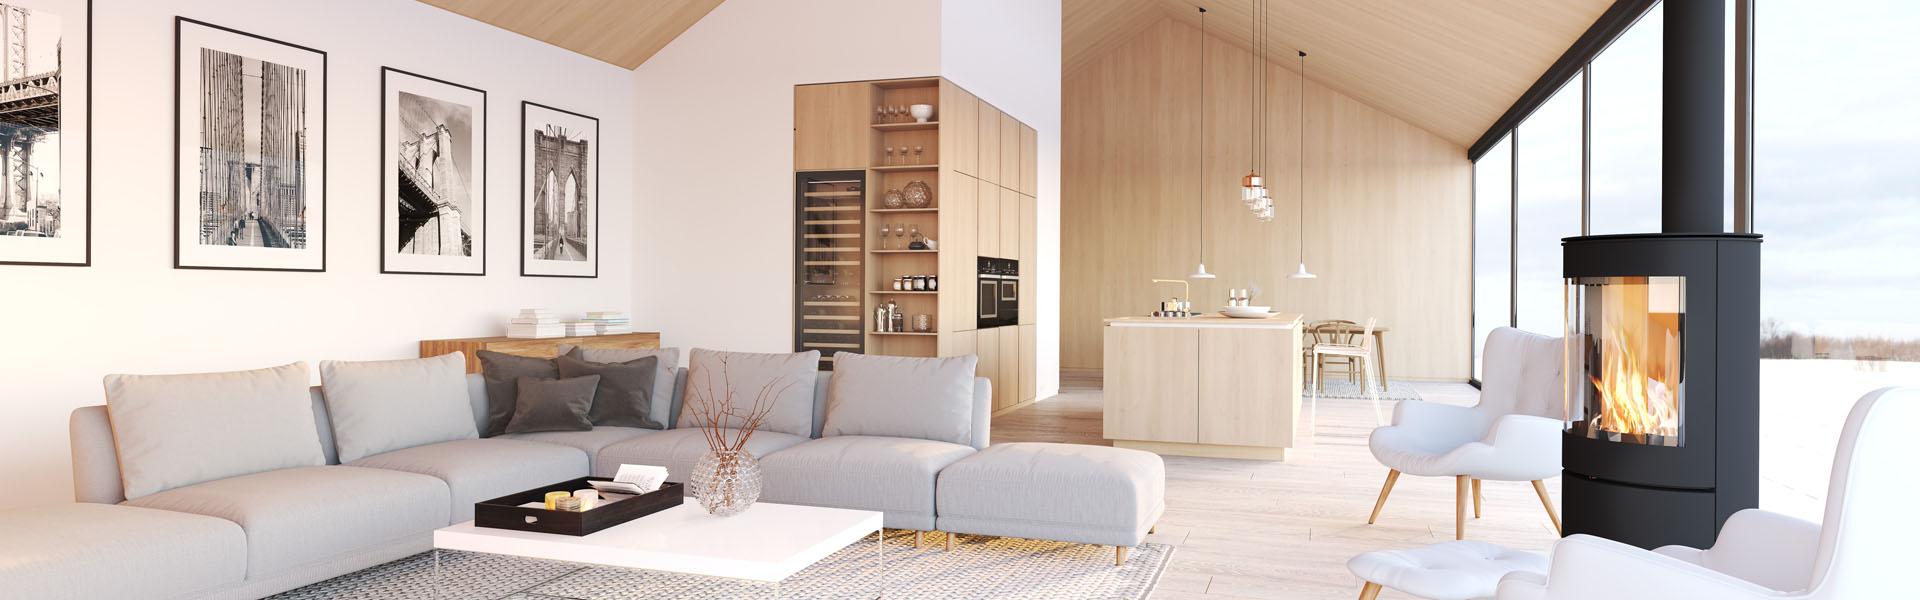 Modernes Wohn- und Esszimmer mit Ofen